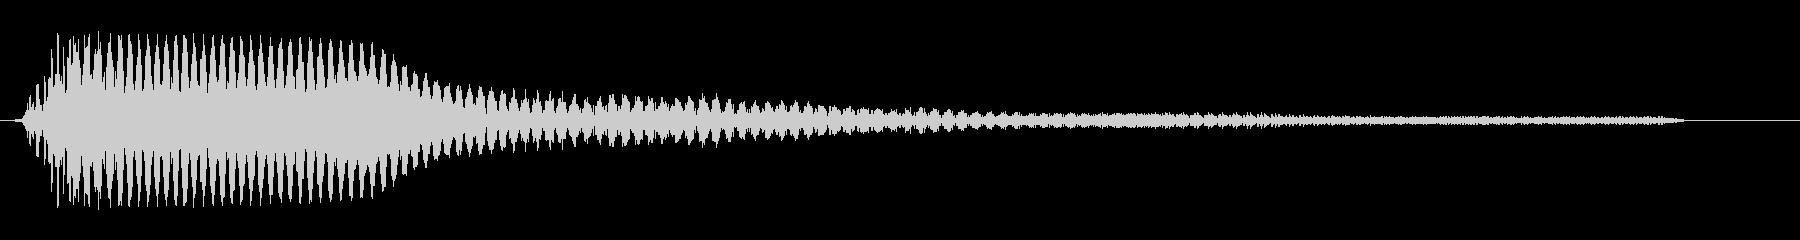 ピュウウーン(瞬間移動したような音)の未再生の波形